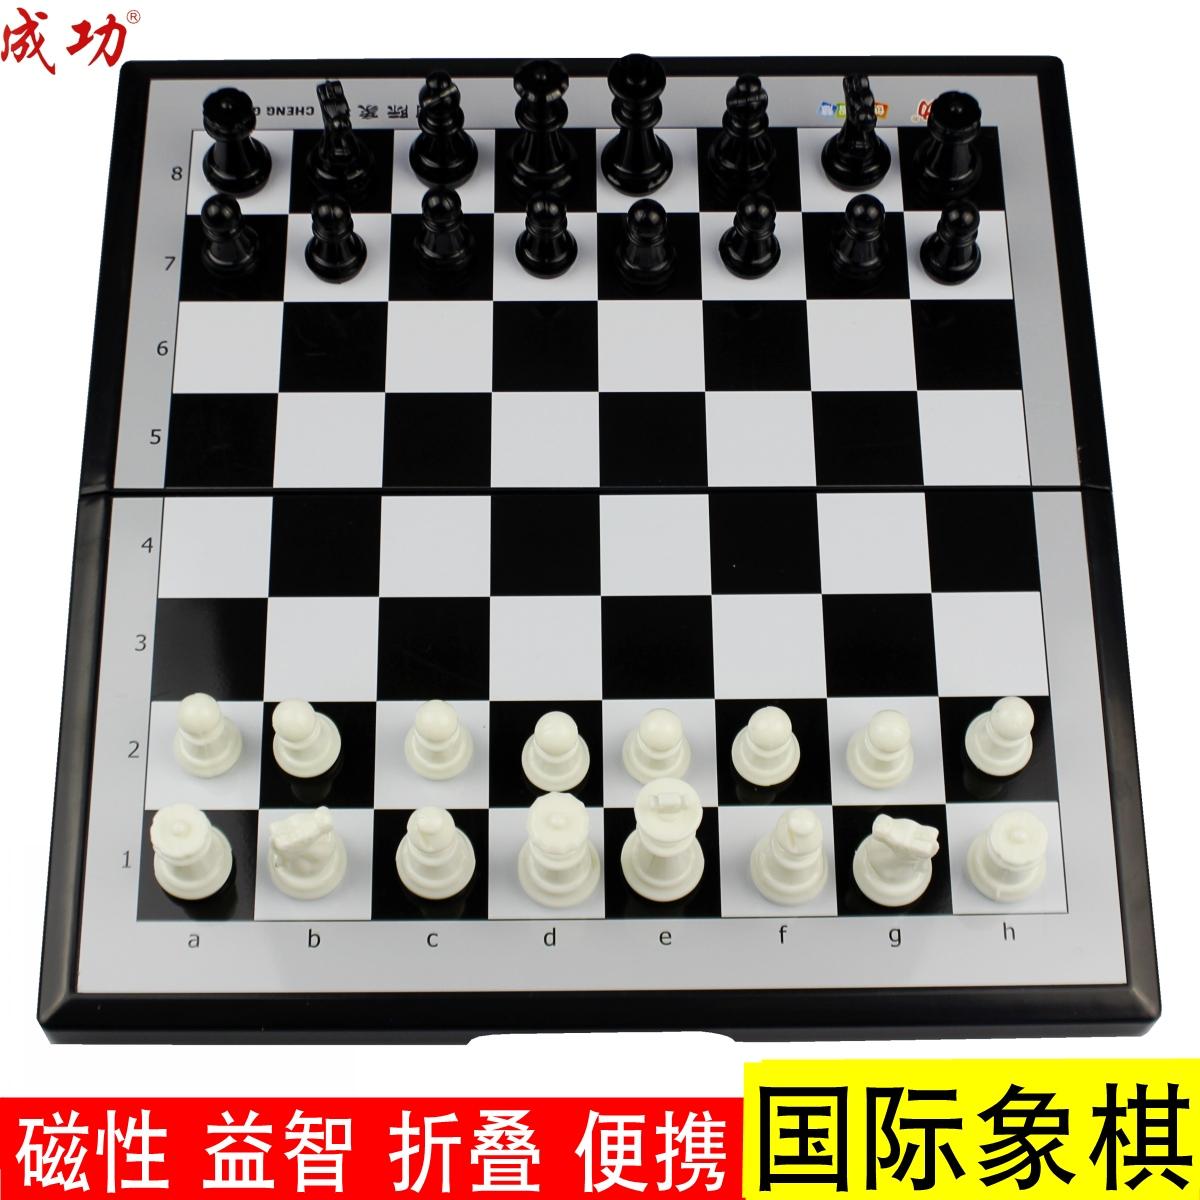 Успех шахматы магнитная лента секс складной шахматная доска установите ребенок детский сад ученик начинающий головоломка поезд